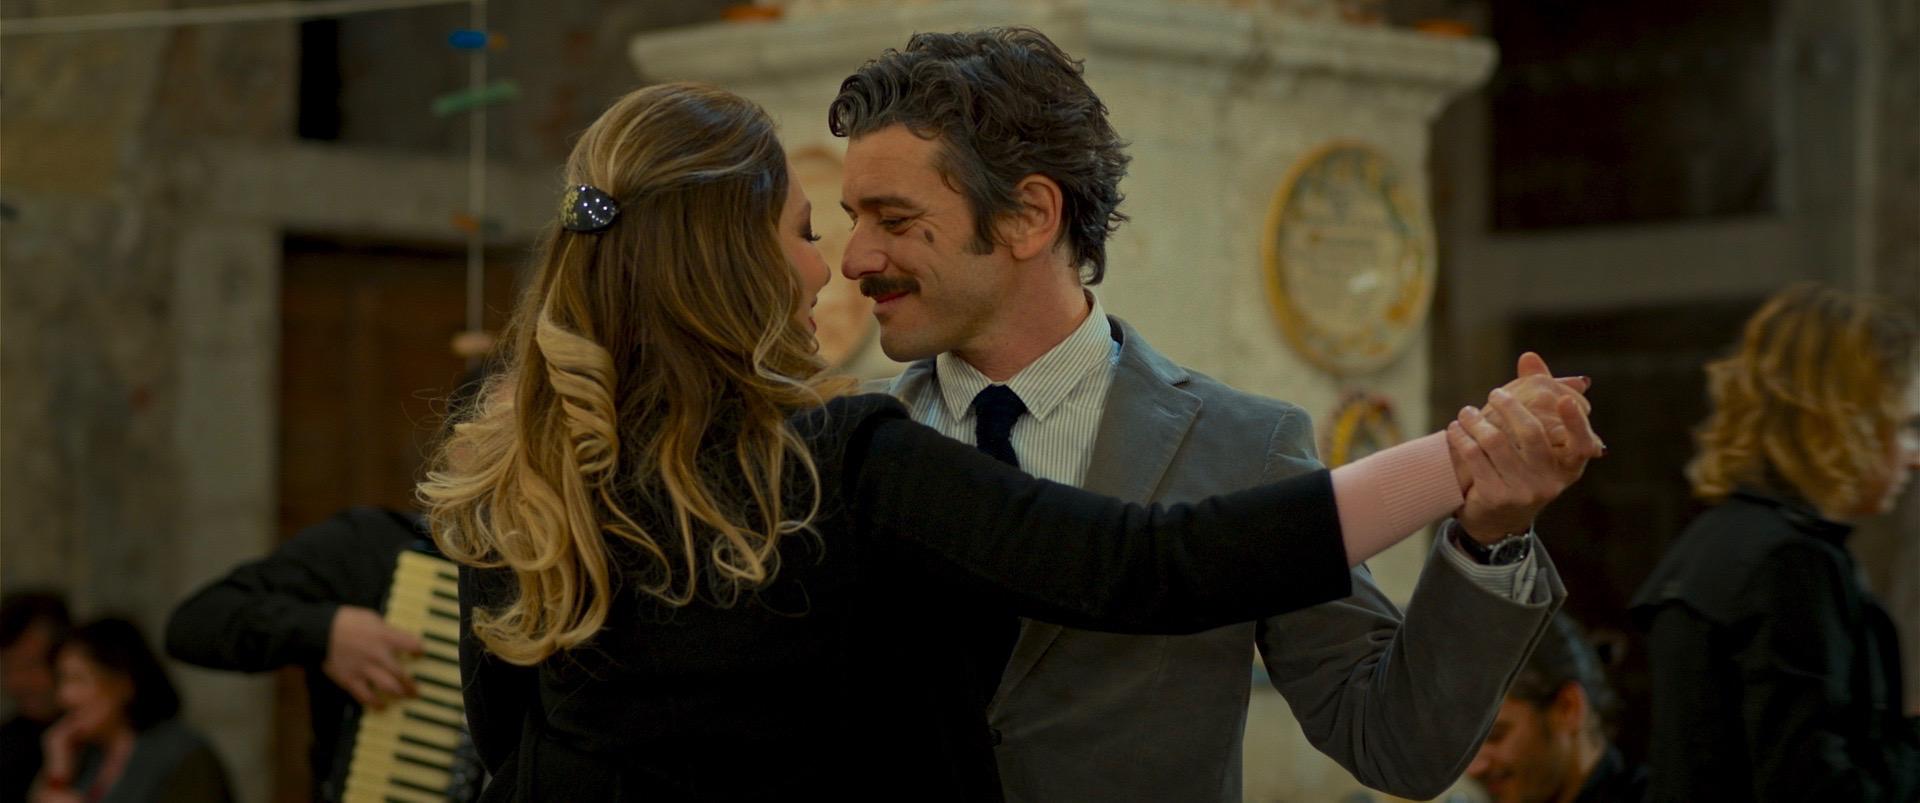 Wine to Love: Ornella Muti e Michele Venitucci in una scena